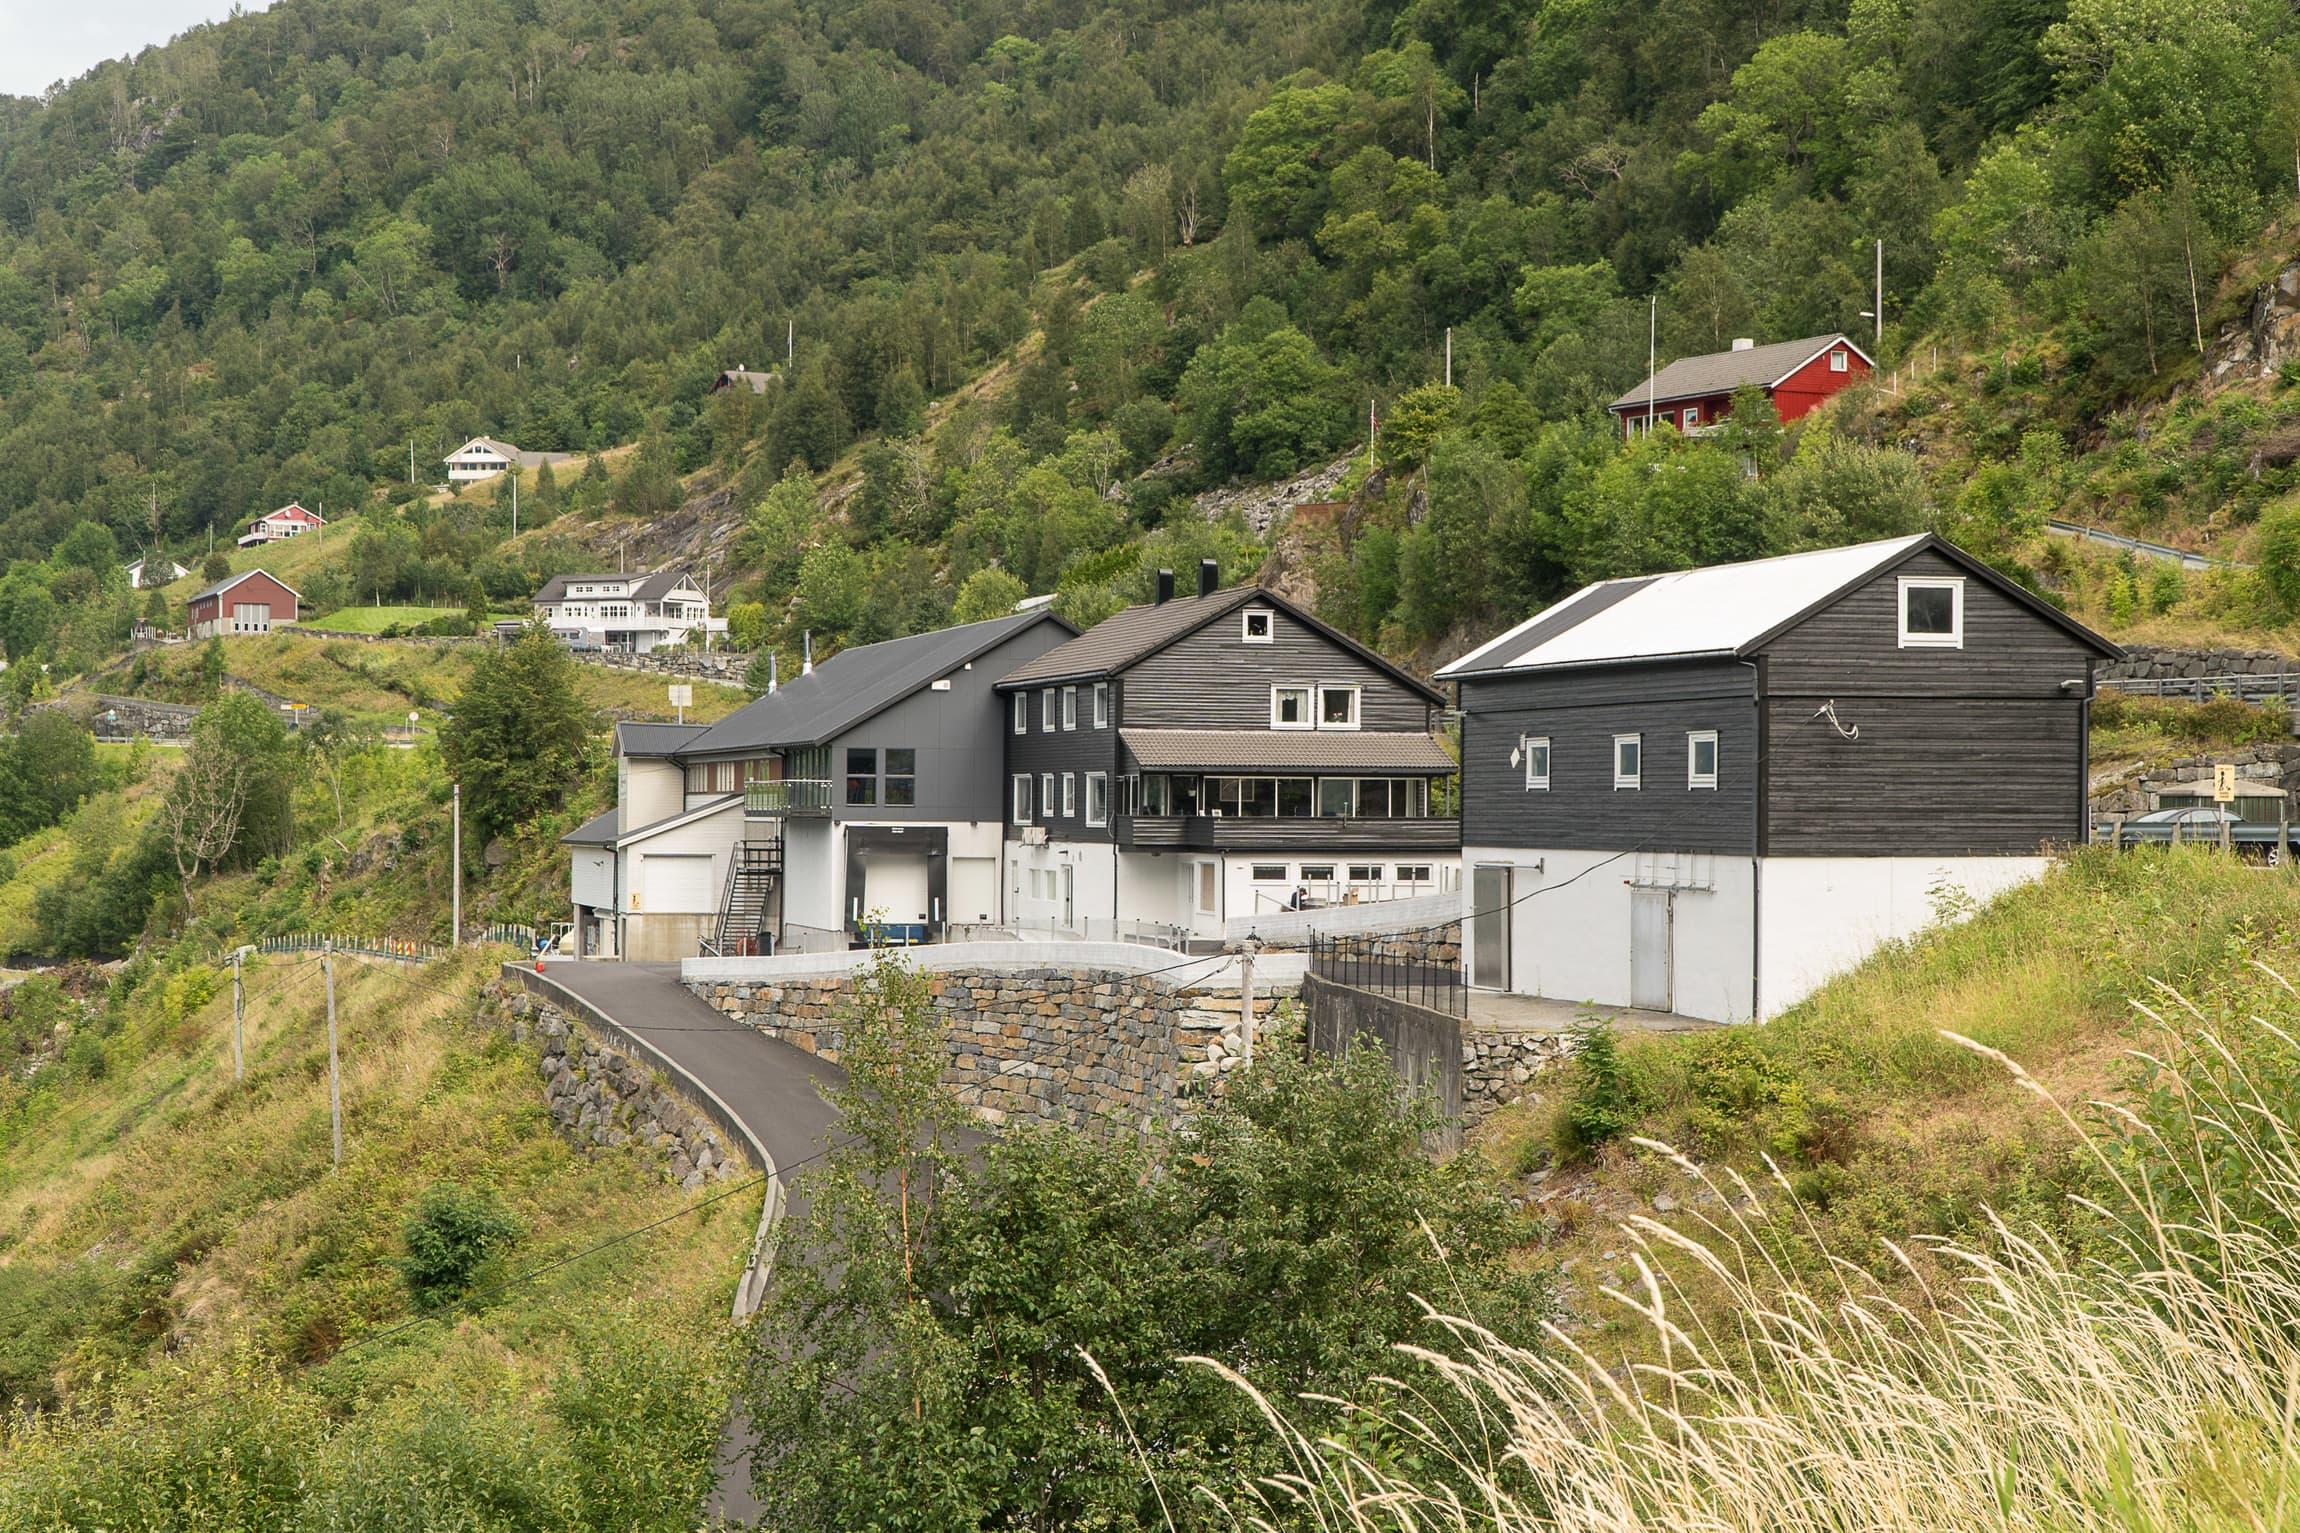 Produksjonsanlegget i Teigland er moderne og effektivt, men håndverket og produktene er tuftet på tradisjon